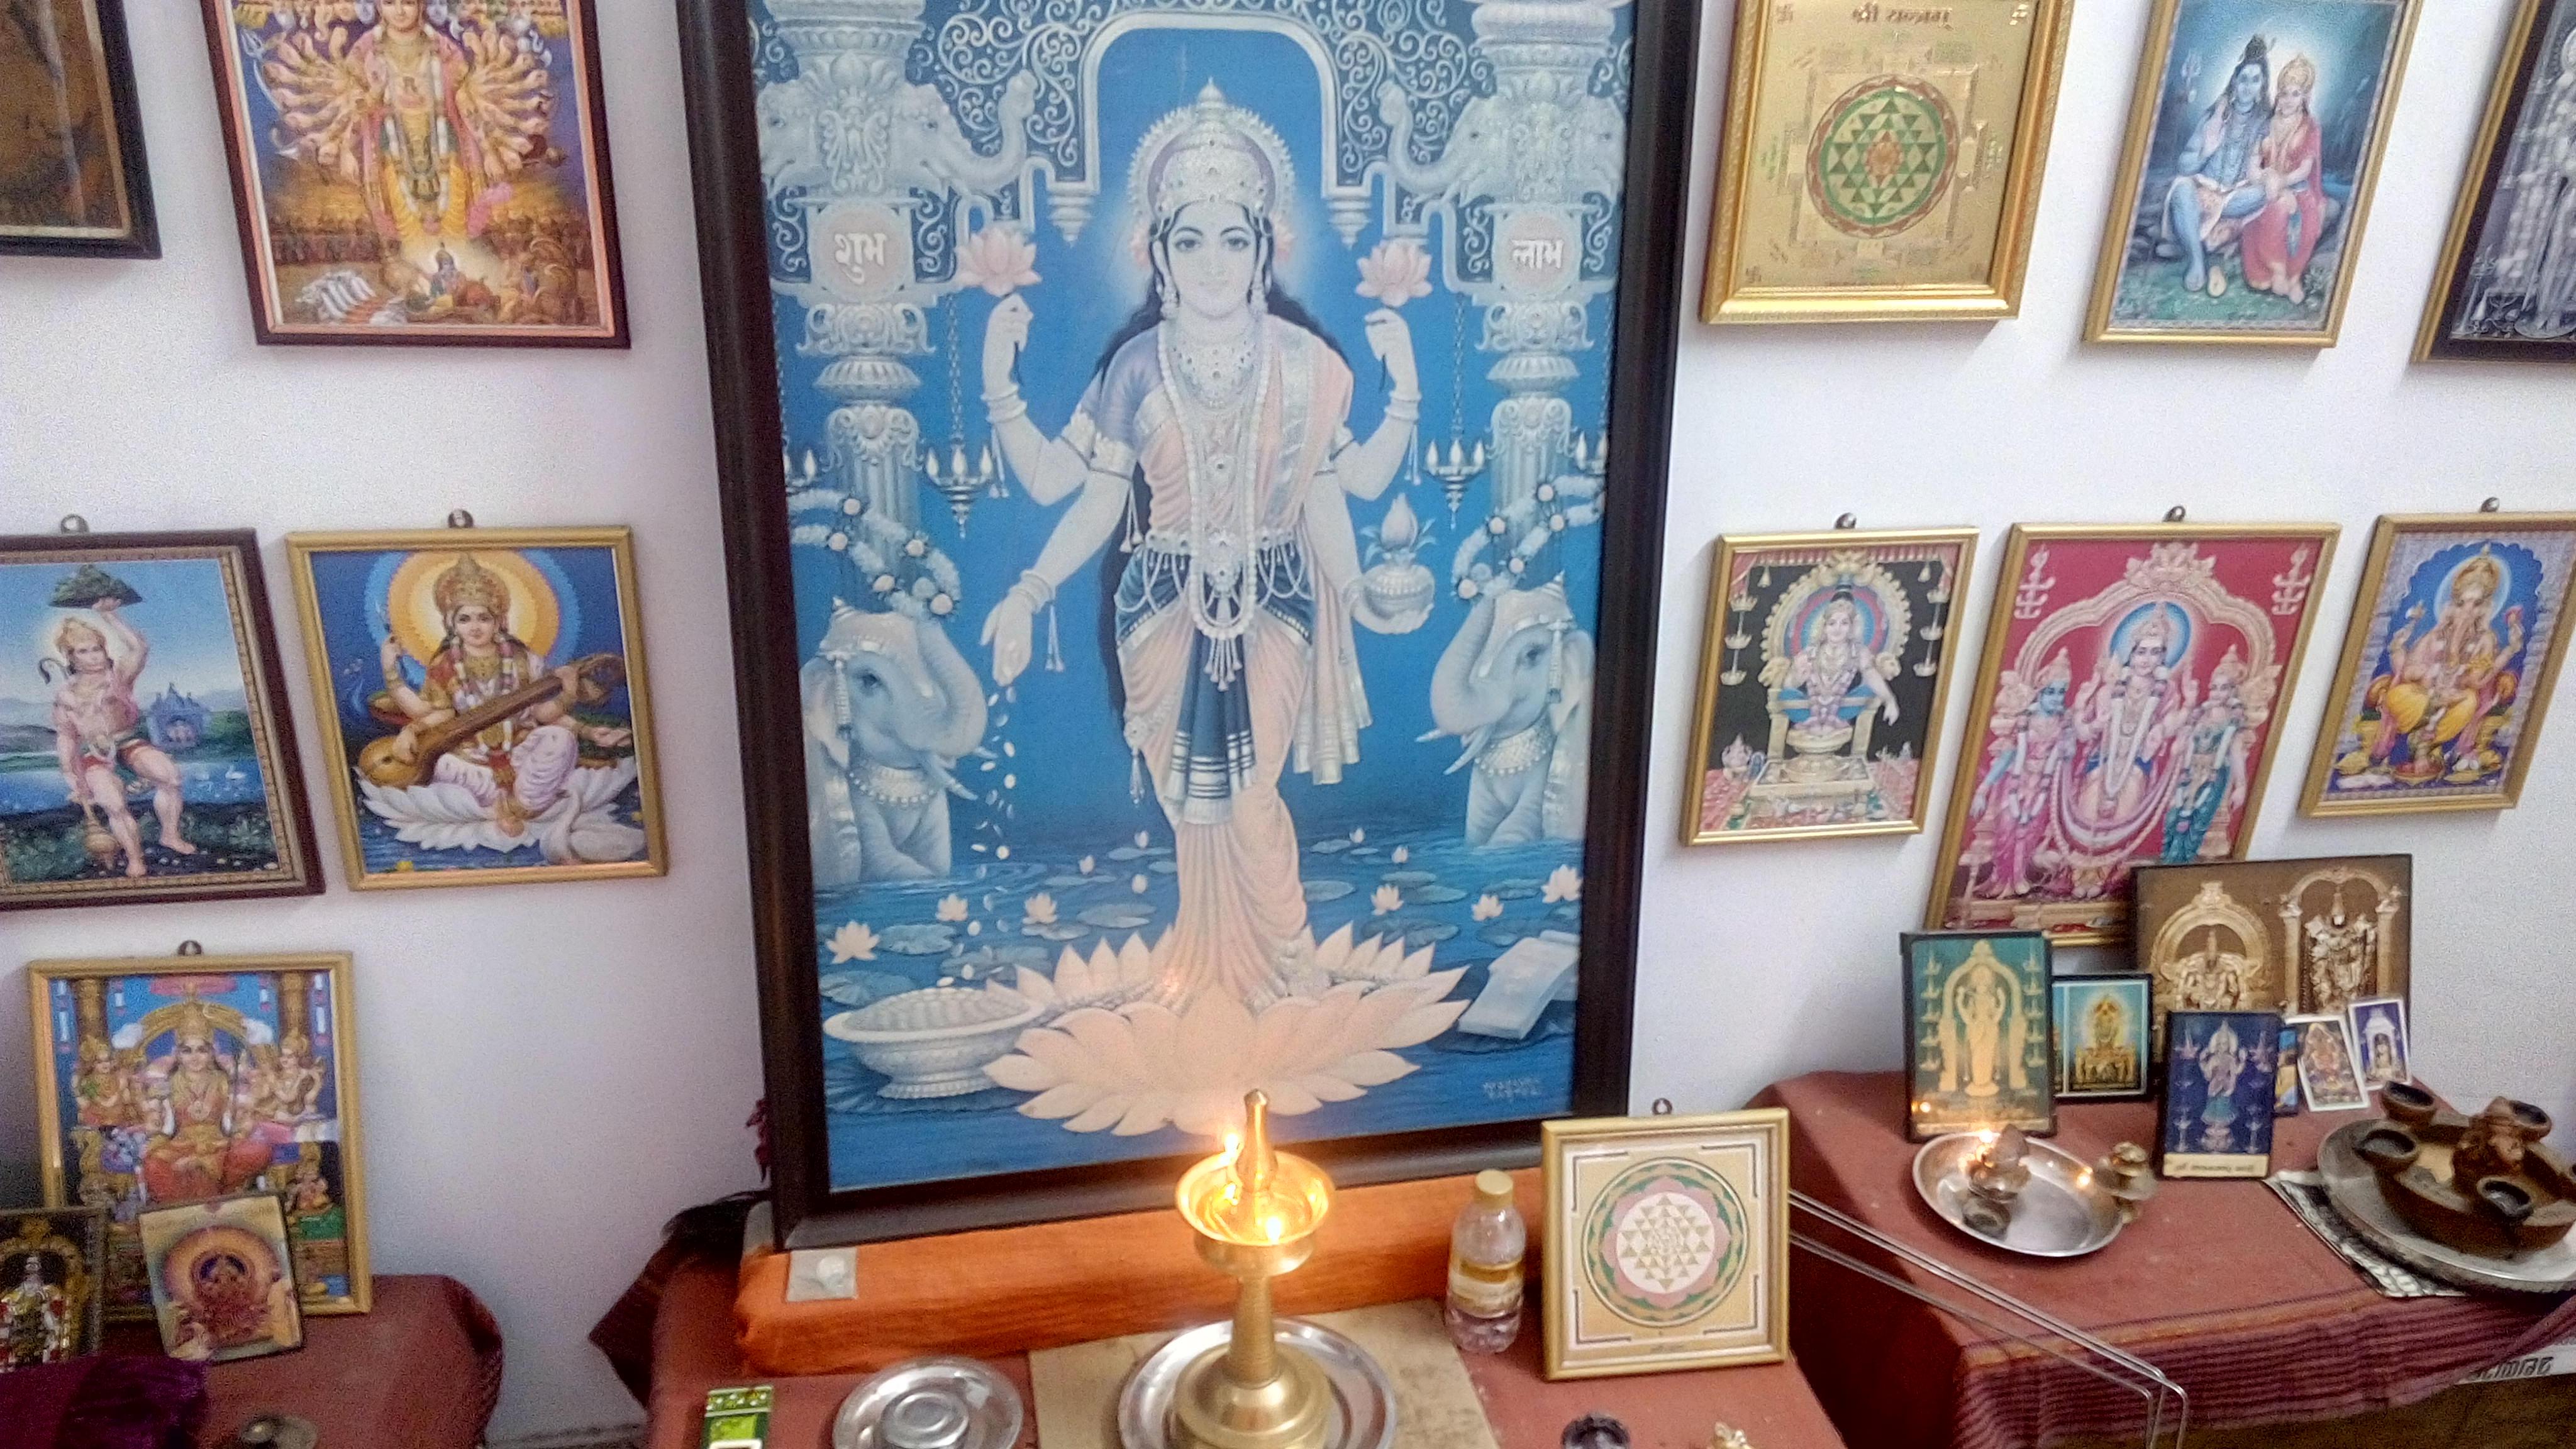 Jak się modlą Hindusi . Każdy Indyjski dom posiada mały pokój do modlitwy